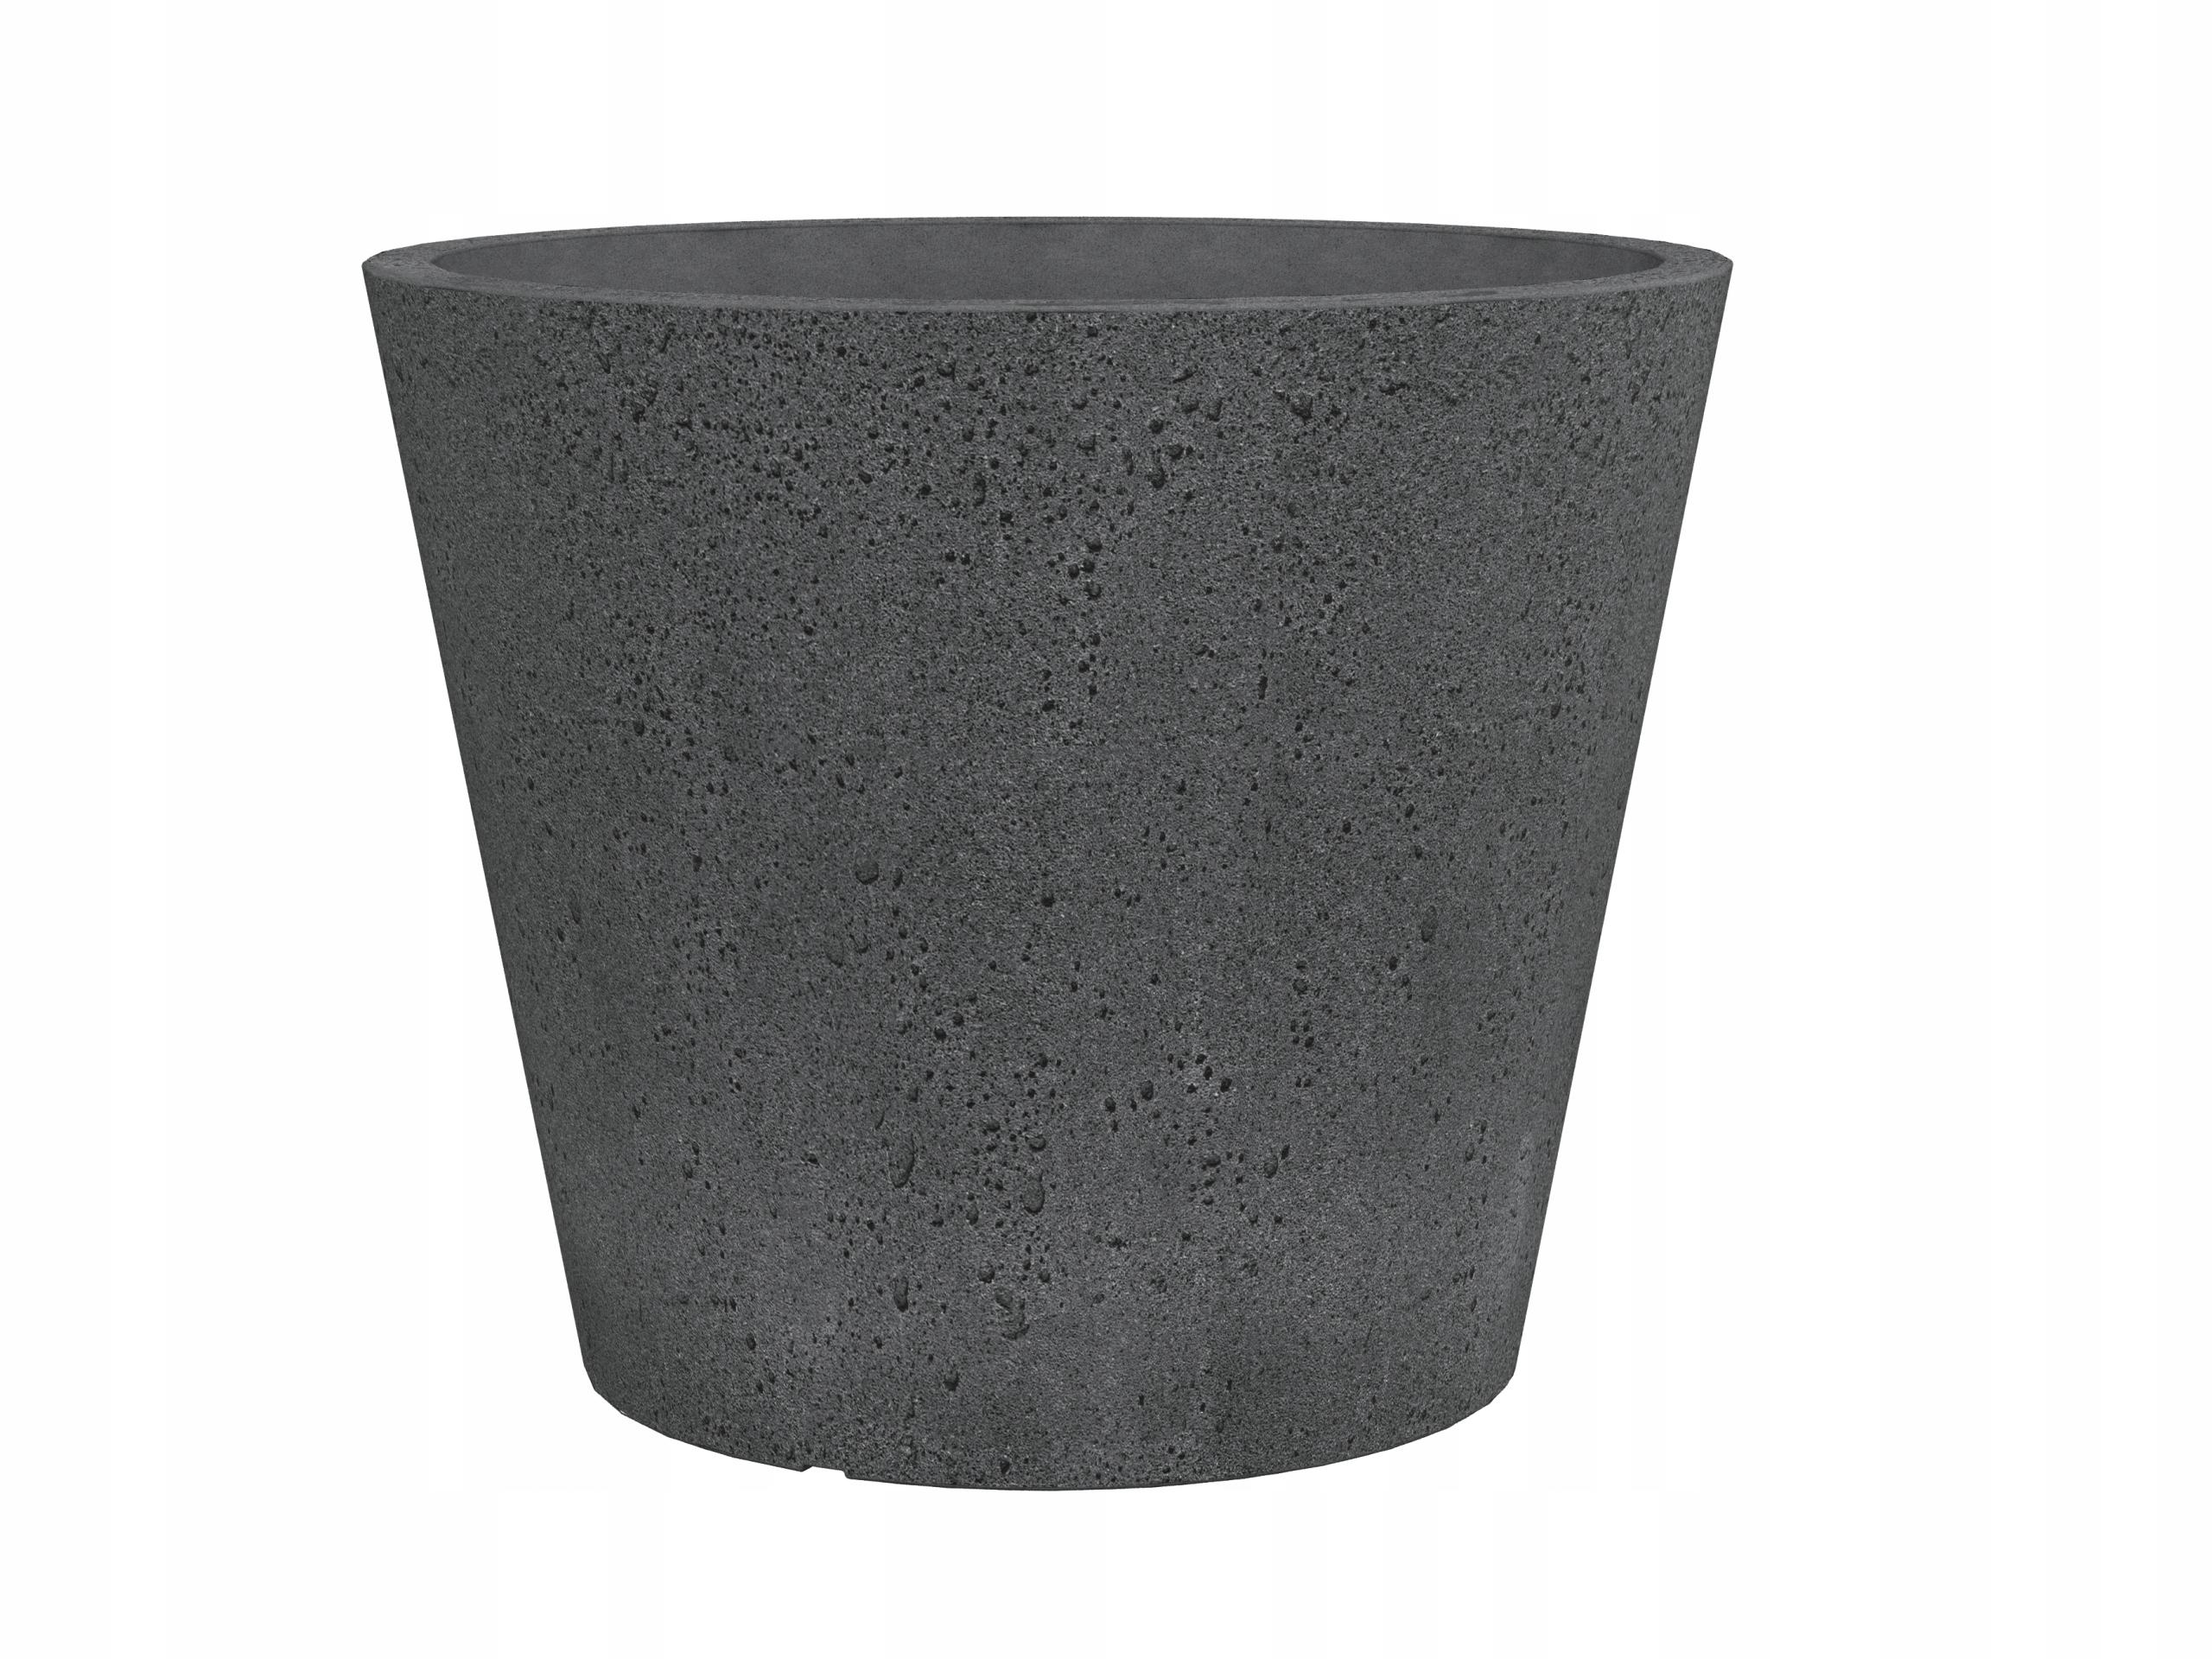 C Cone Doniczki Imitacja Betonu Antracytowe 49 7915797237